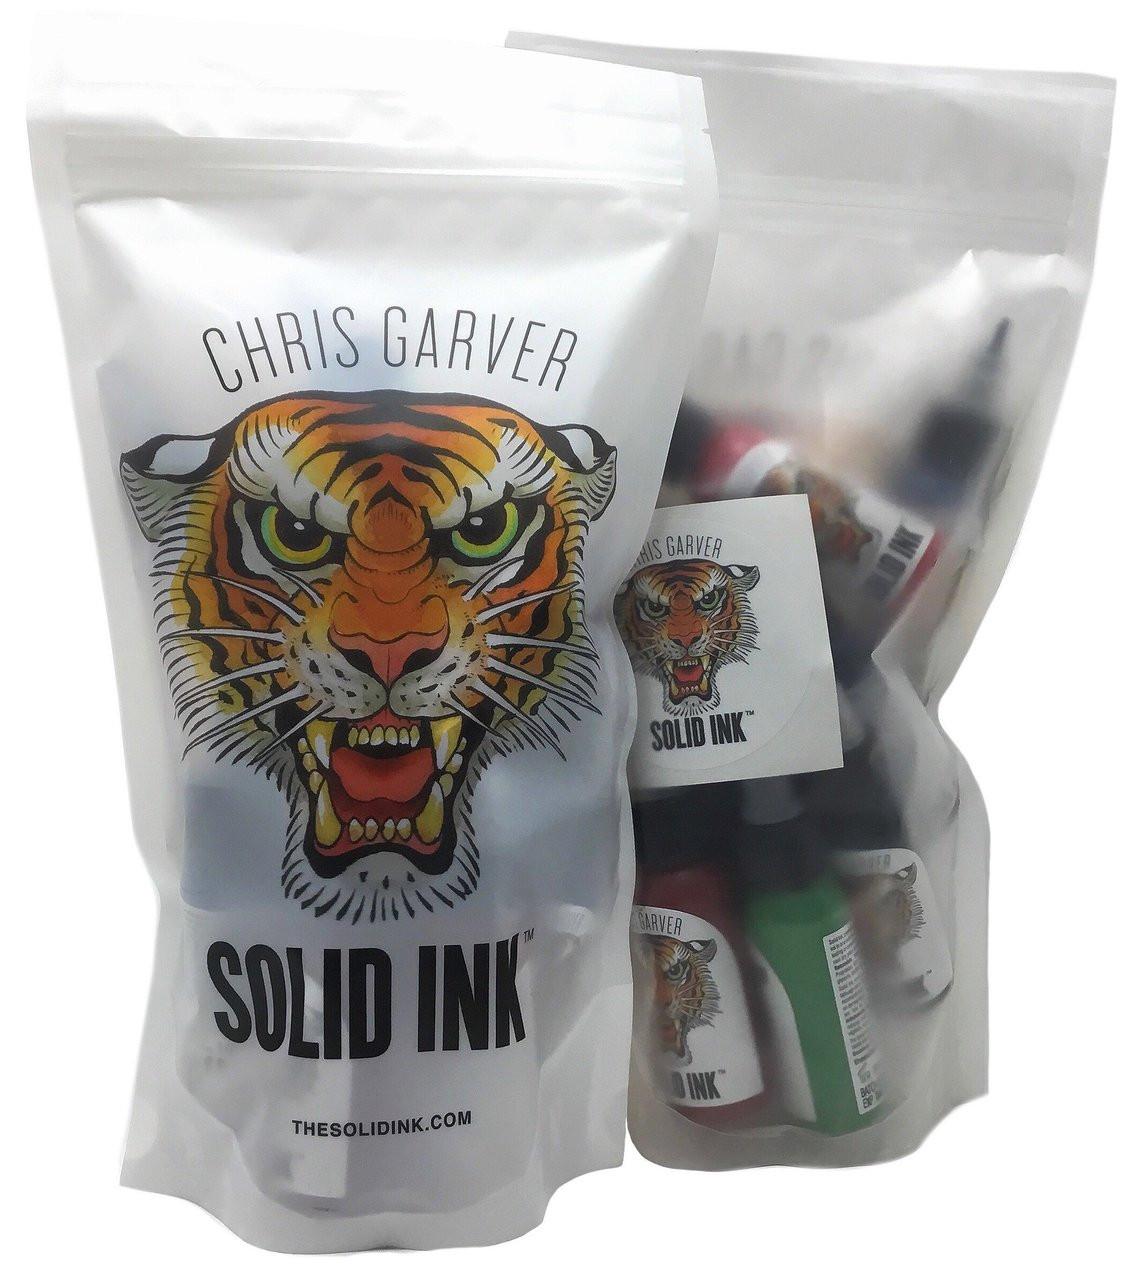 cc04eaa60 Solid Ink Chris Garver 12 Color Set - 1 oz